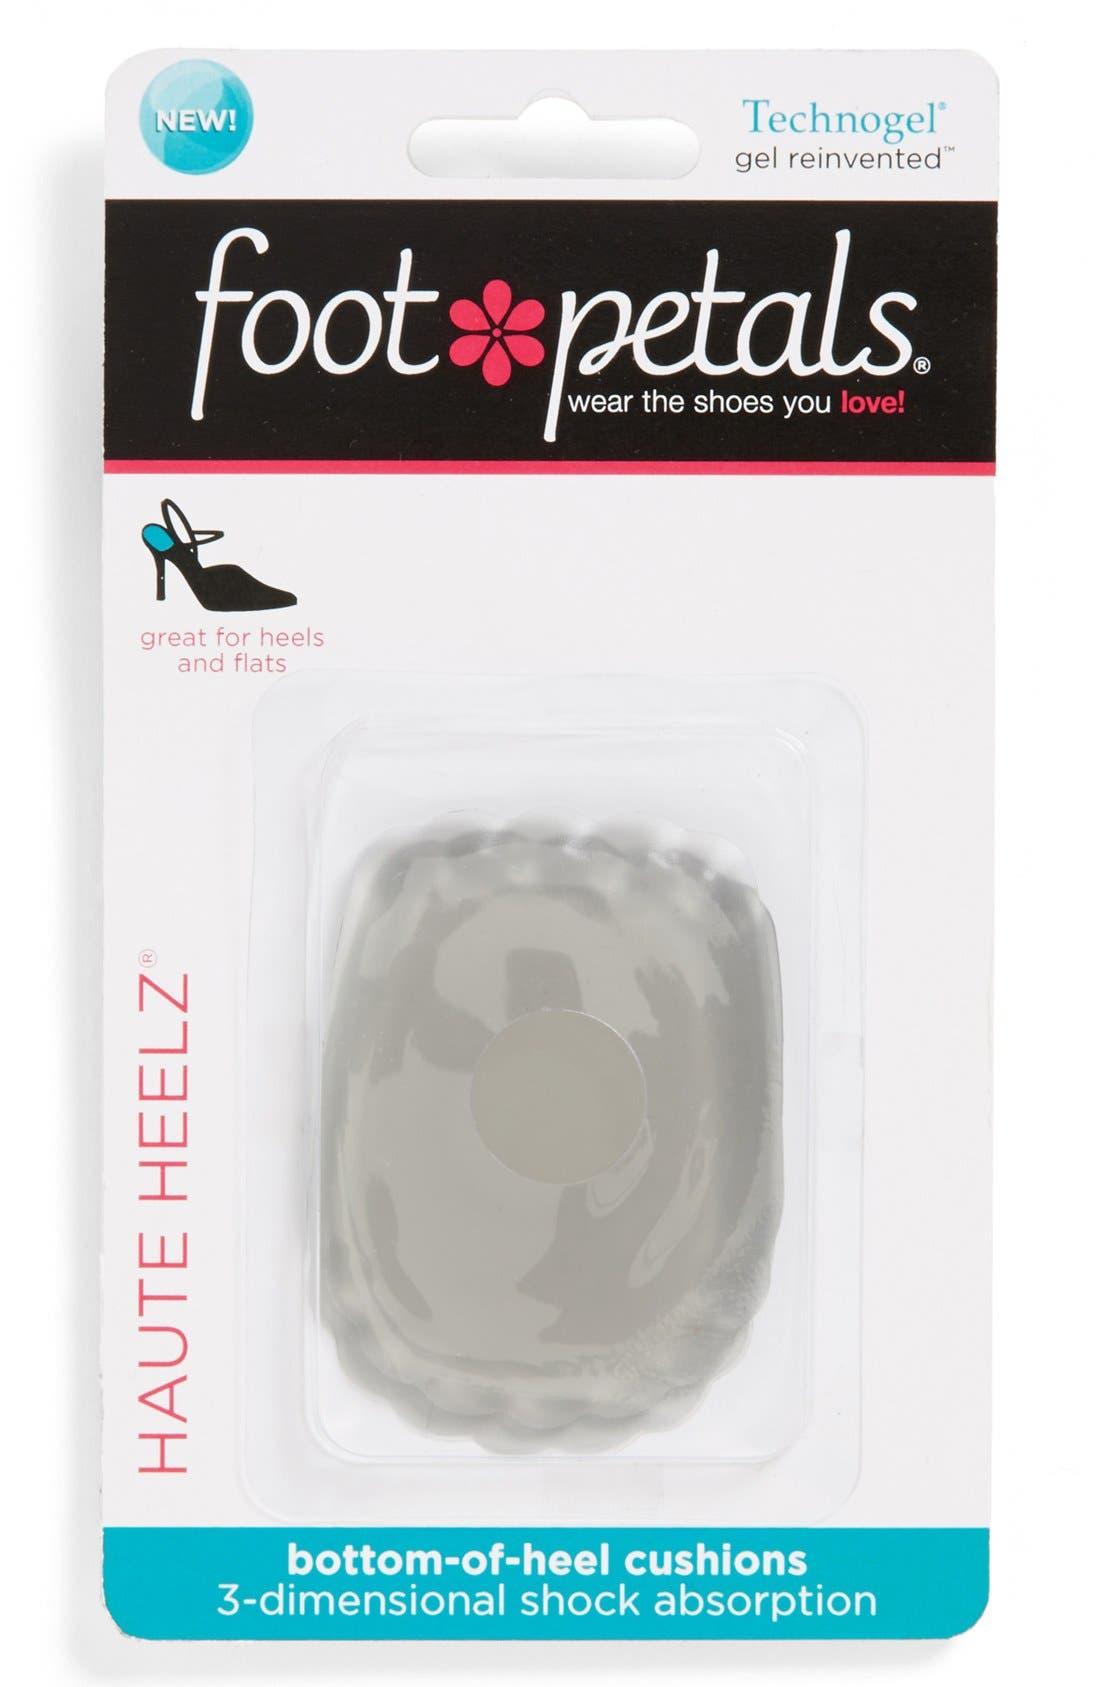 Alternate Image 1 Selected - Foot Petals 'Haute Heelz' Technogel Shoe Pads